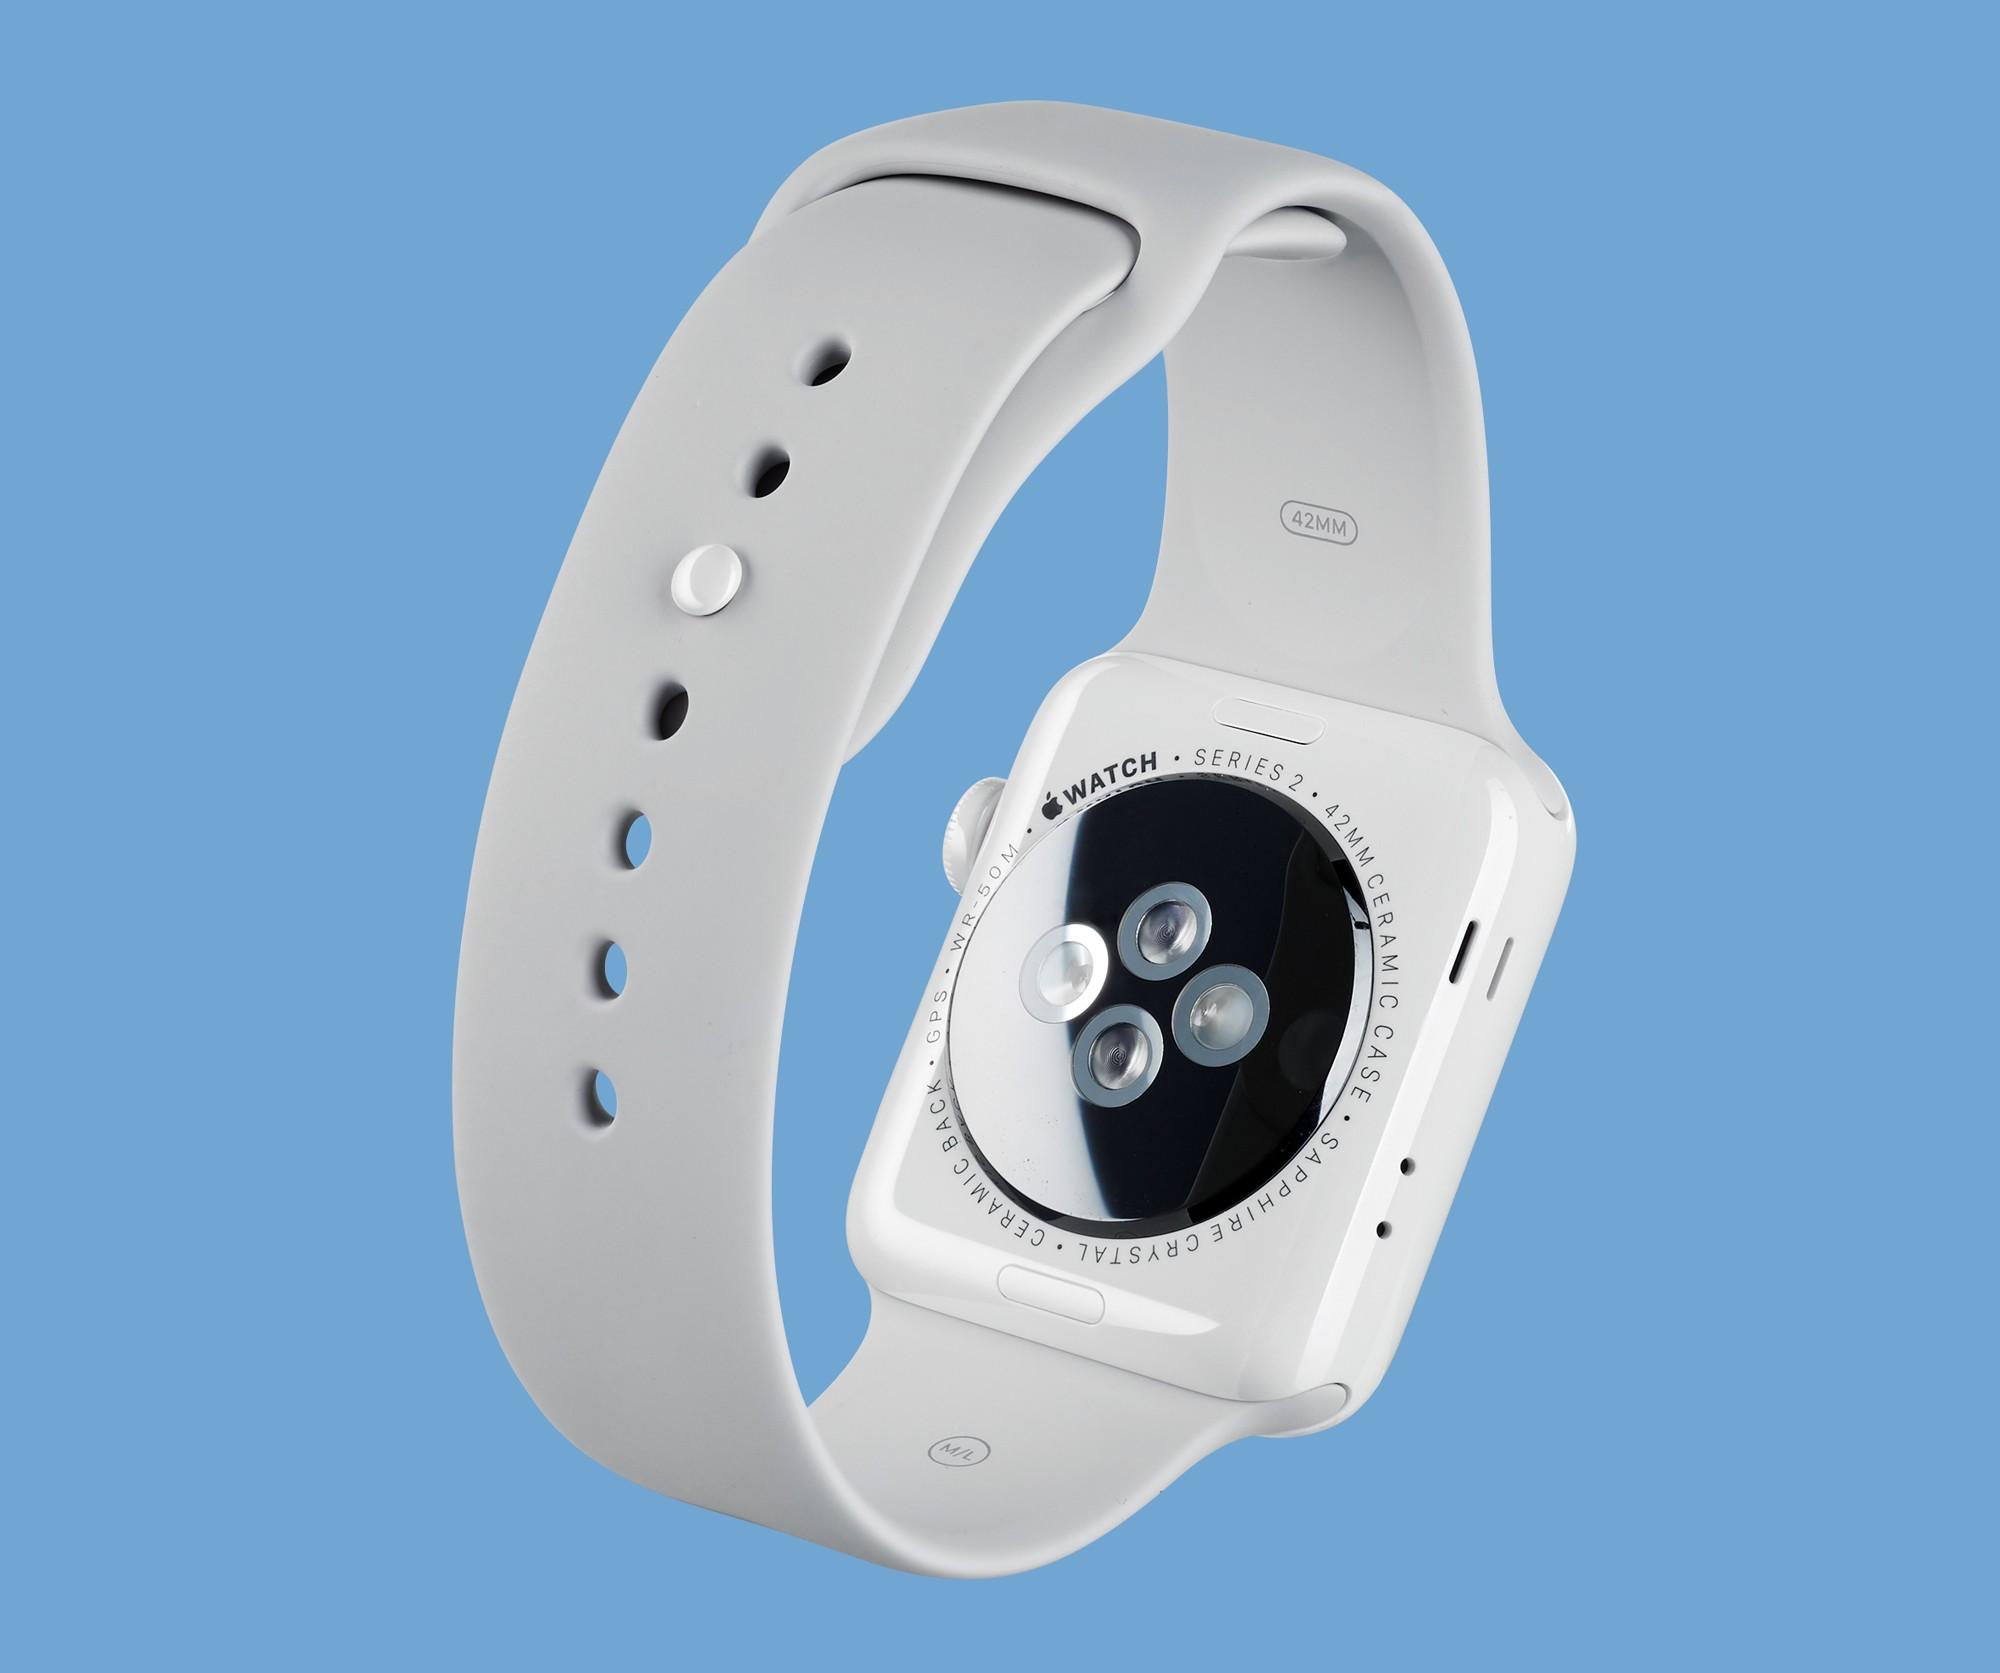 Wbudowany pulsometr dostarcza całkiem dokładnych wyników pomiarów pracy serca.